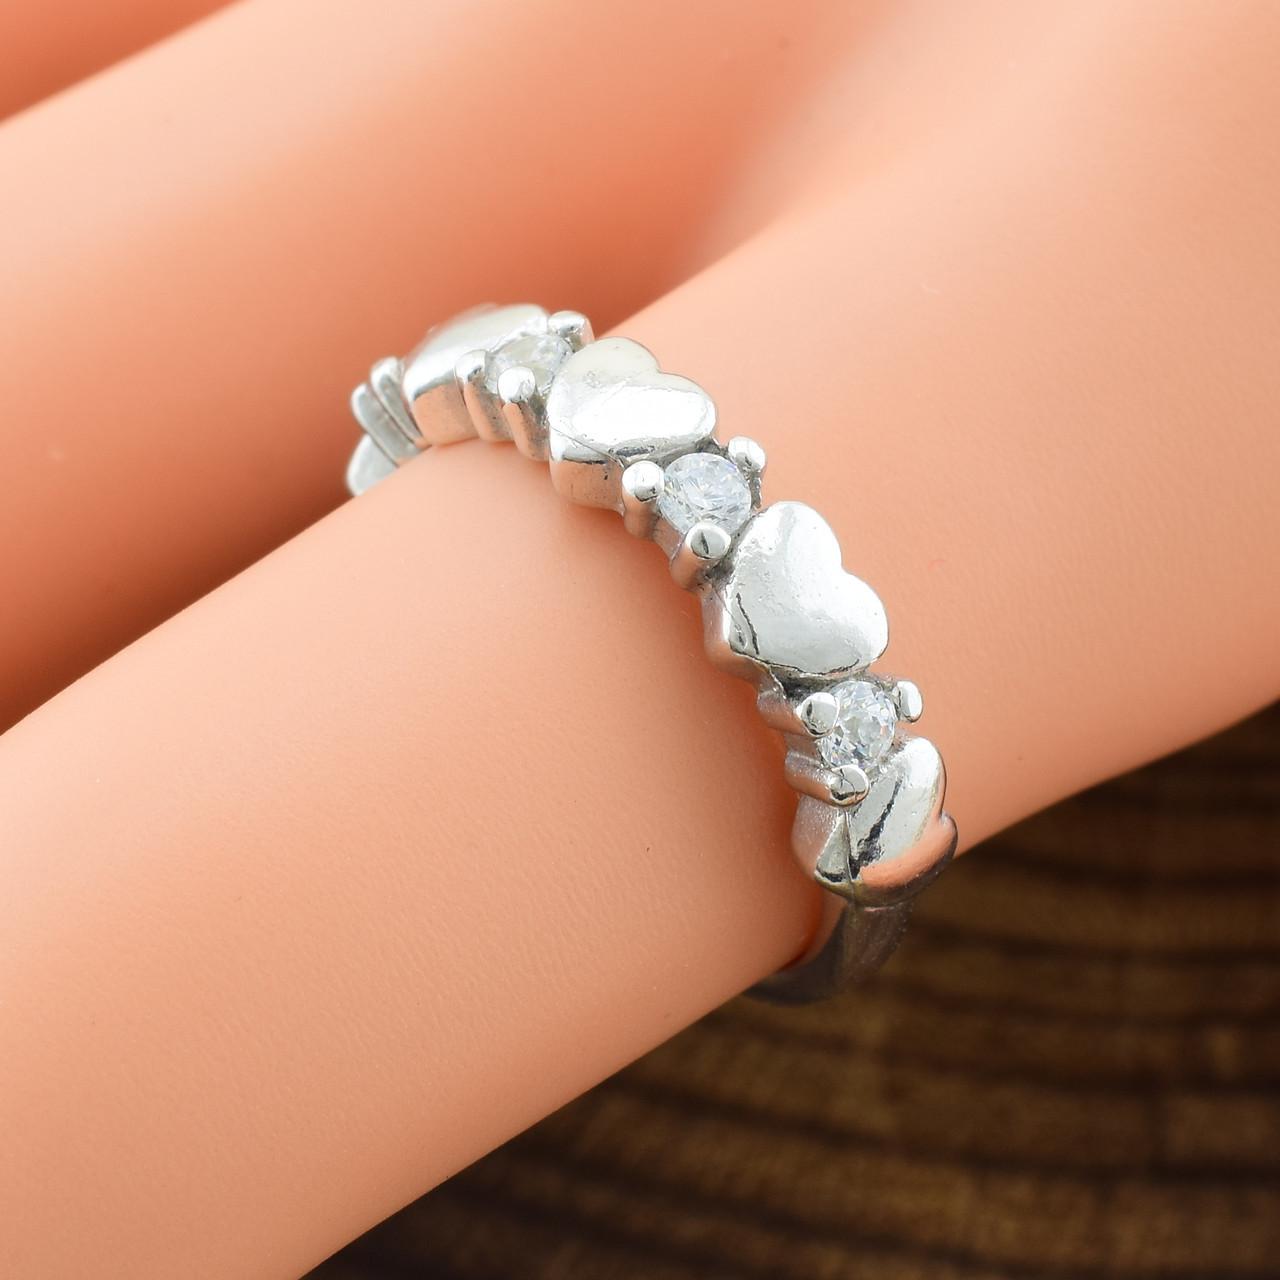 Серебряное кольцо Виолетта вставка белые фианиты вес 2.2 г размер 15.5